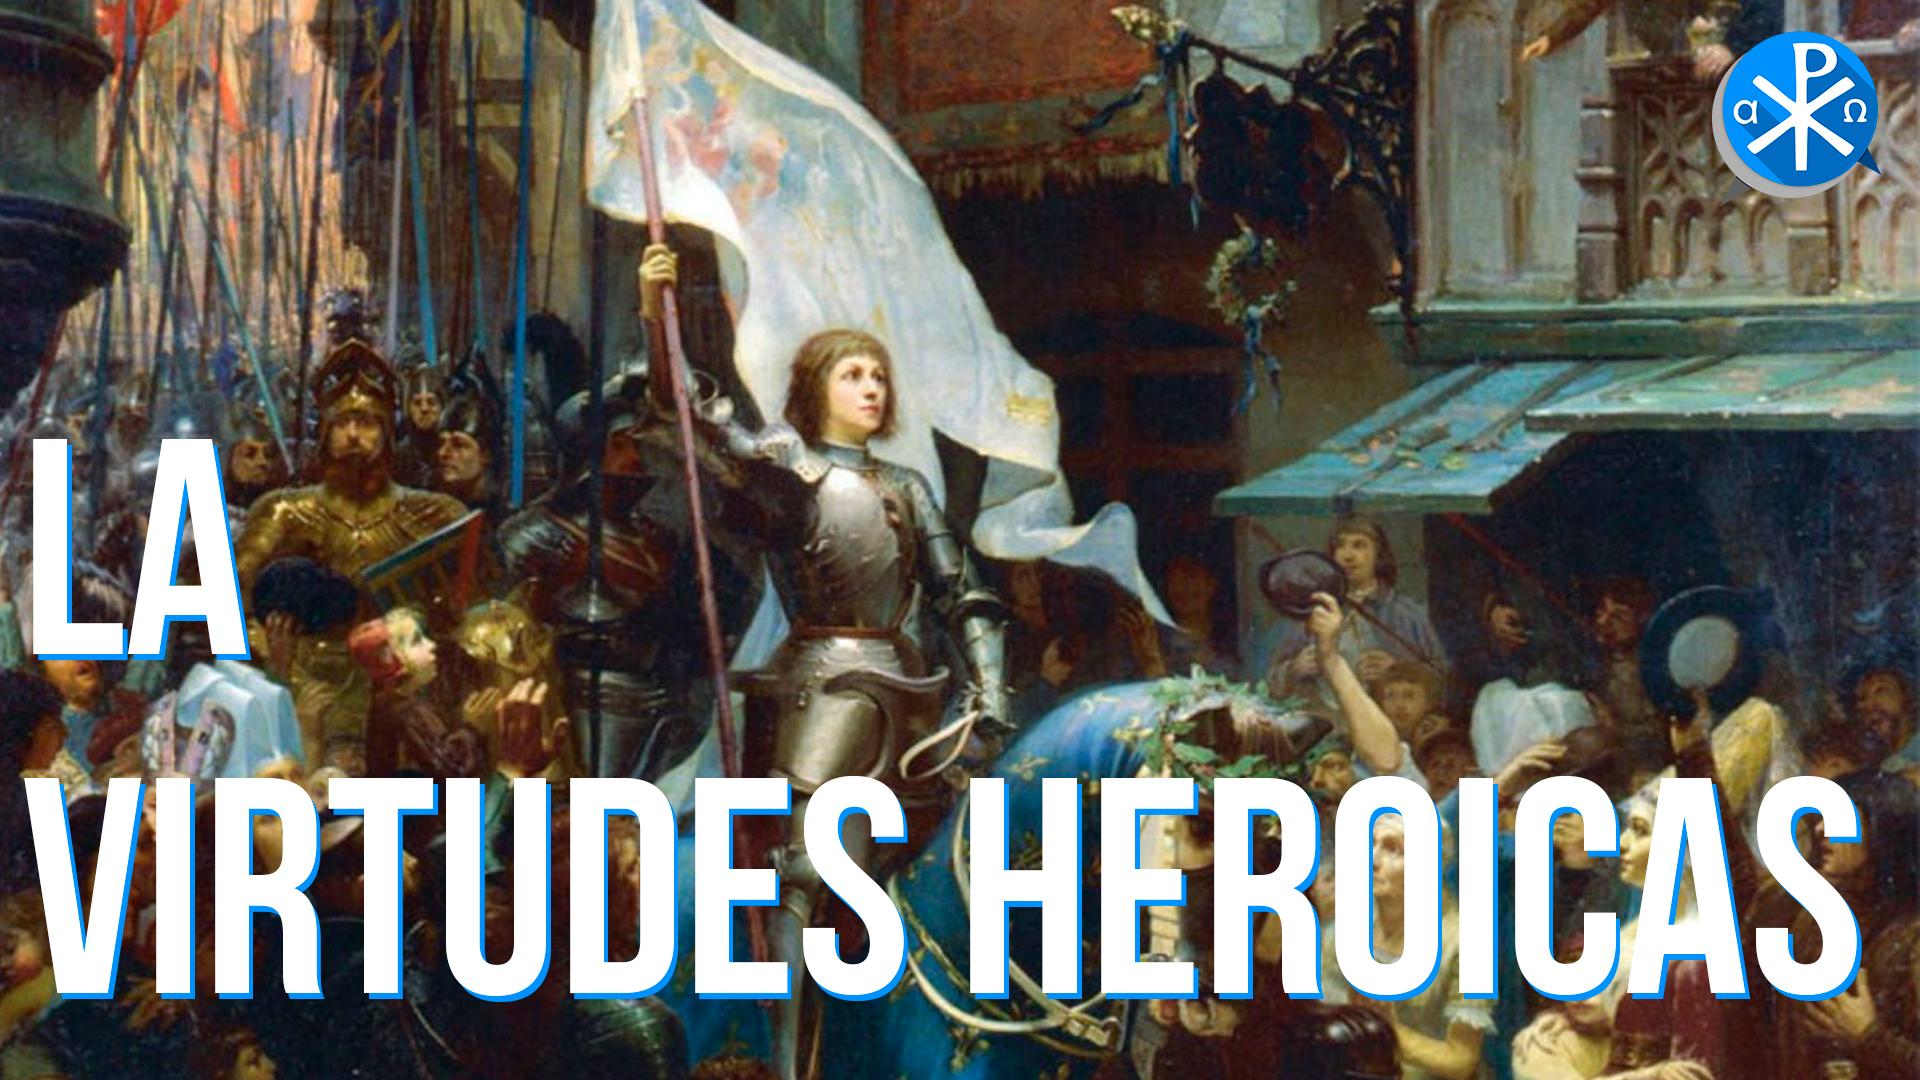 Las Virtudes Heroicas